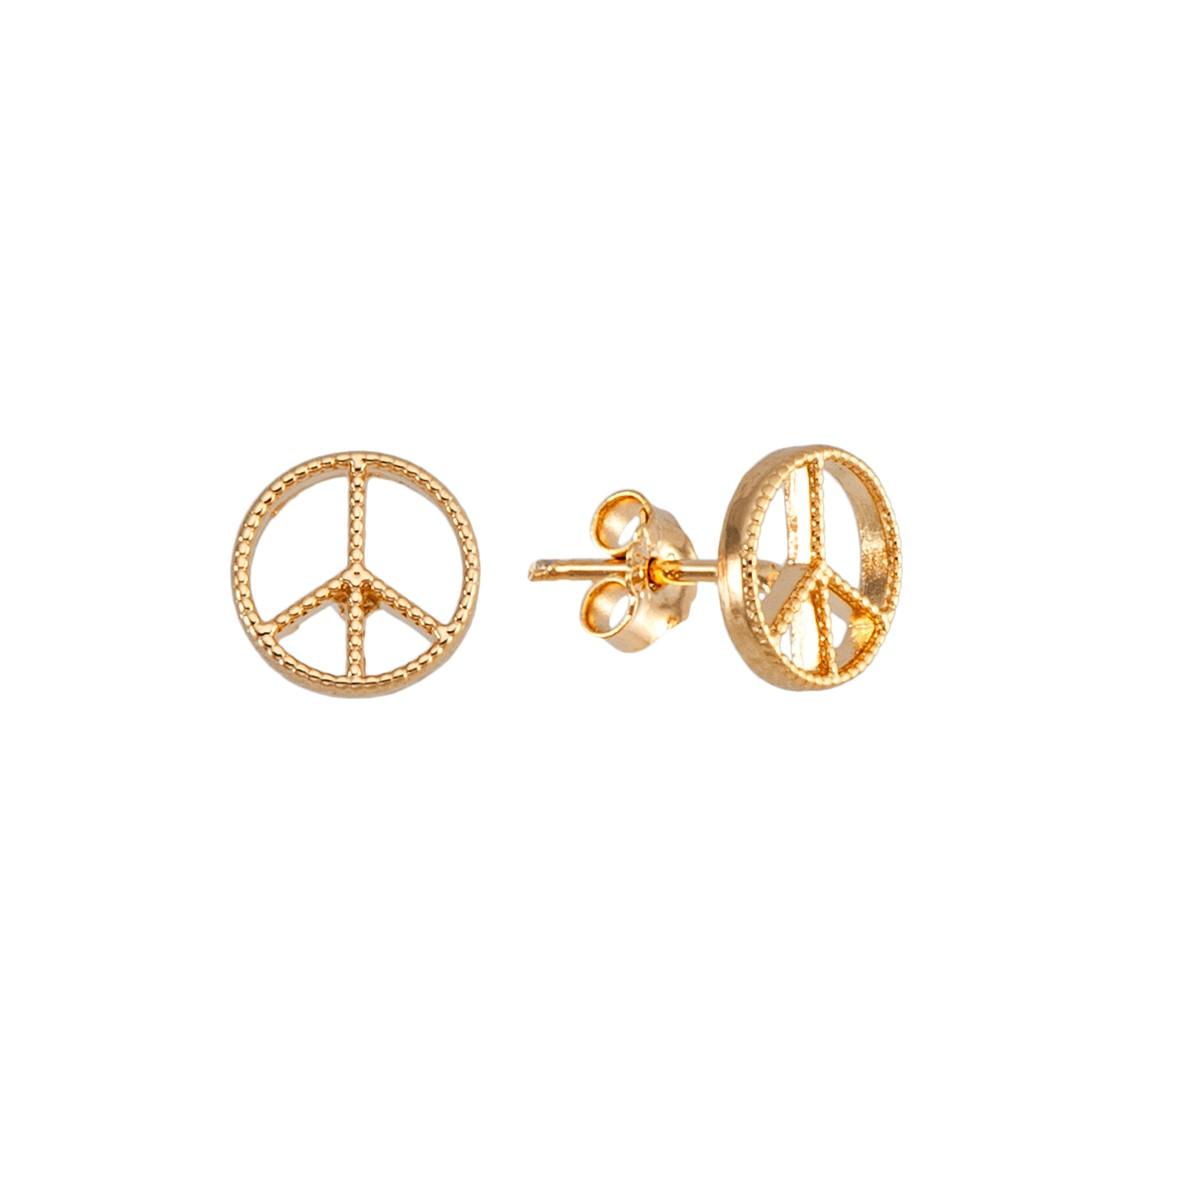 Brinco folheado banho de ouro 18k símbolo da paz